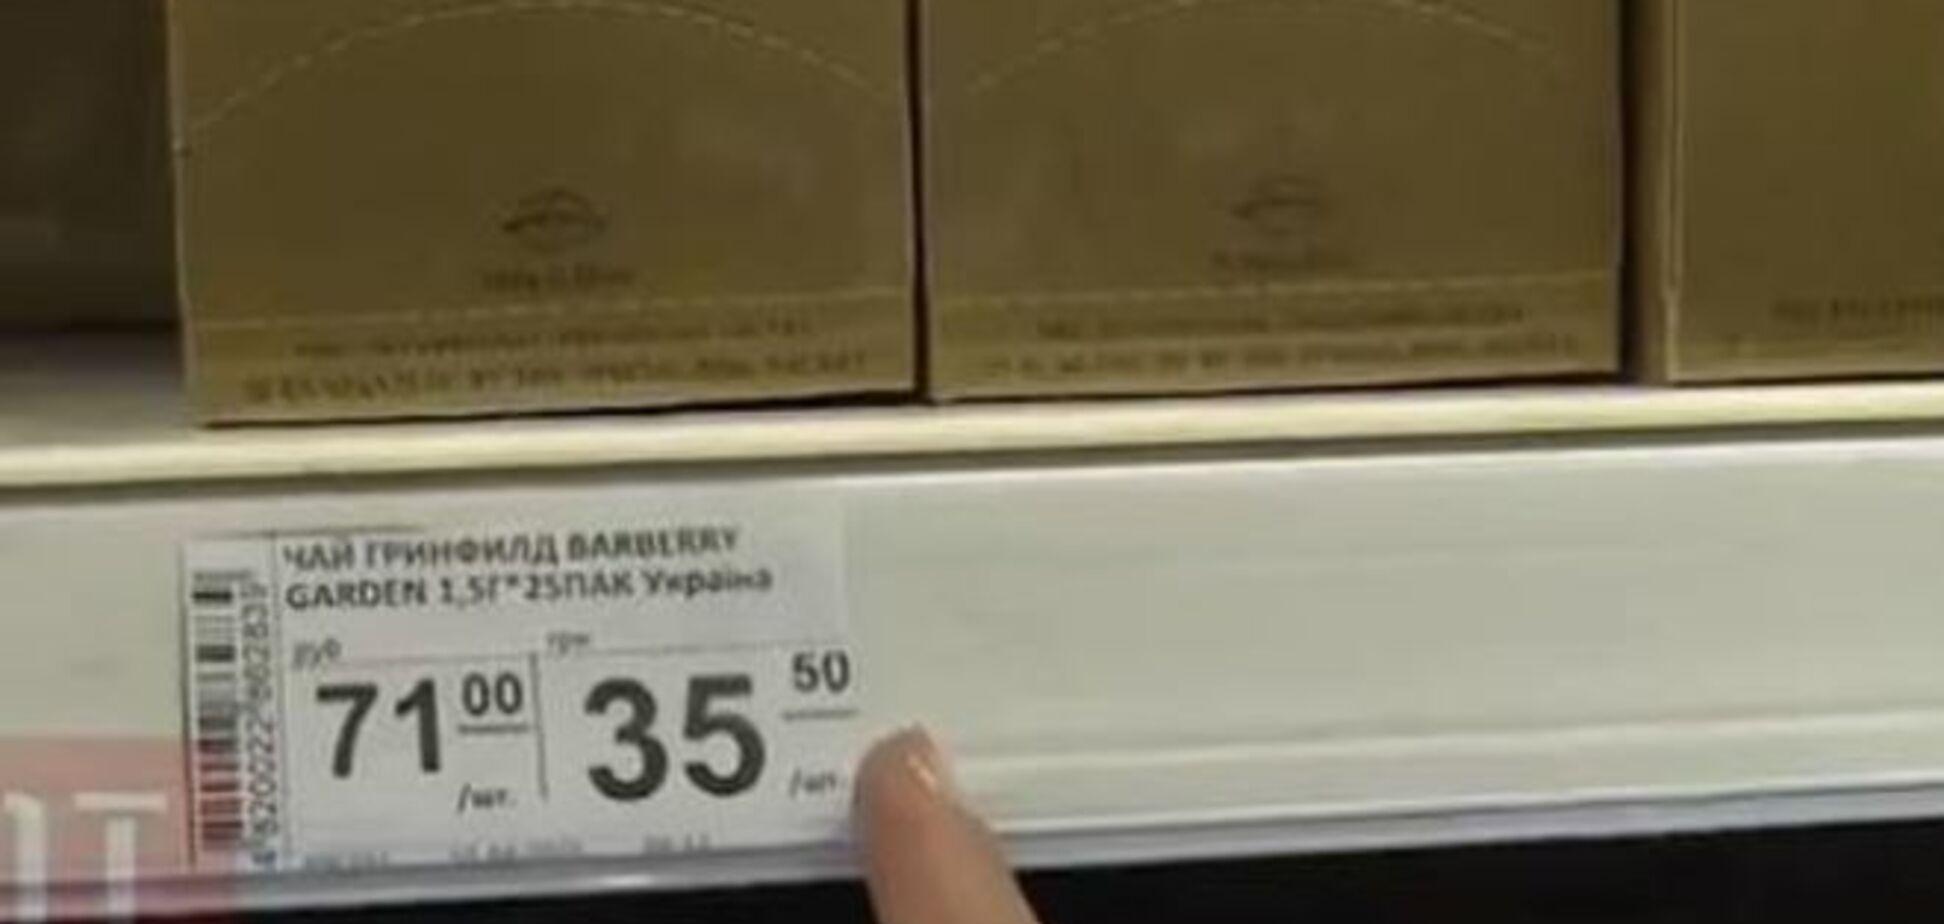 Магазини 'ЛНР' і 'ДНР' примусово переводять на 'бівалютні' цінники: фотофакт